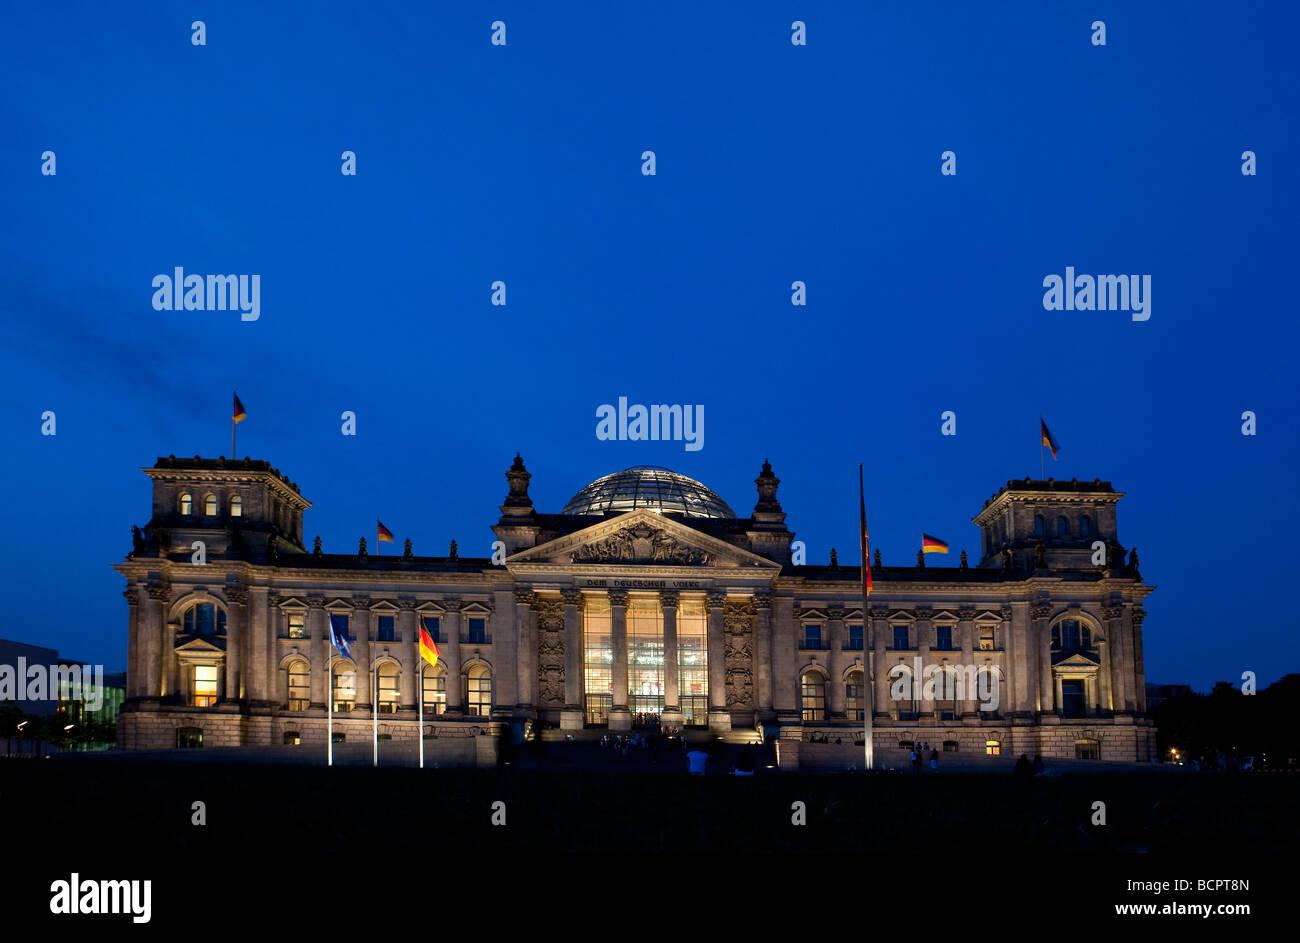 der Bundestag Reichstag in der Abend-Nacht Stockbild